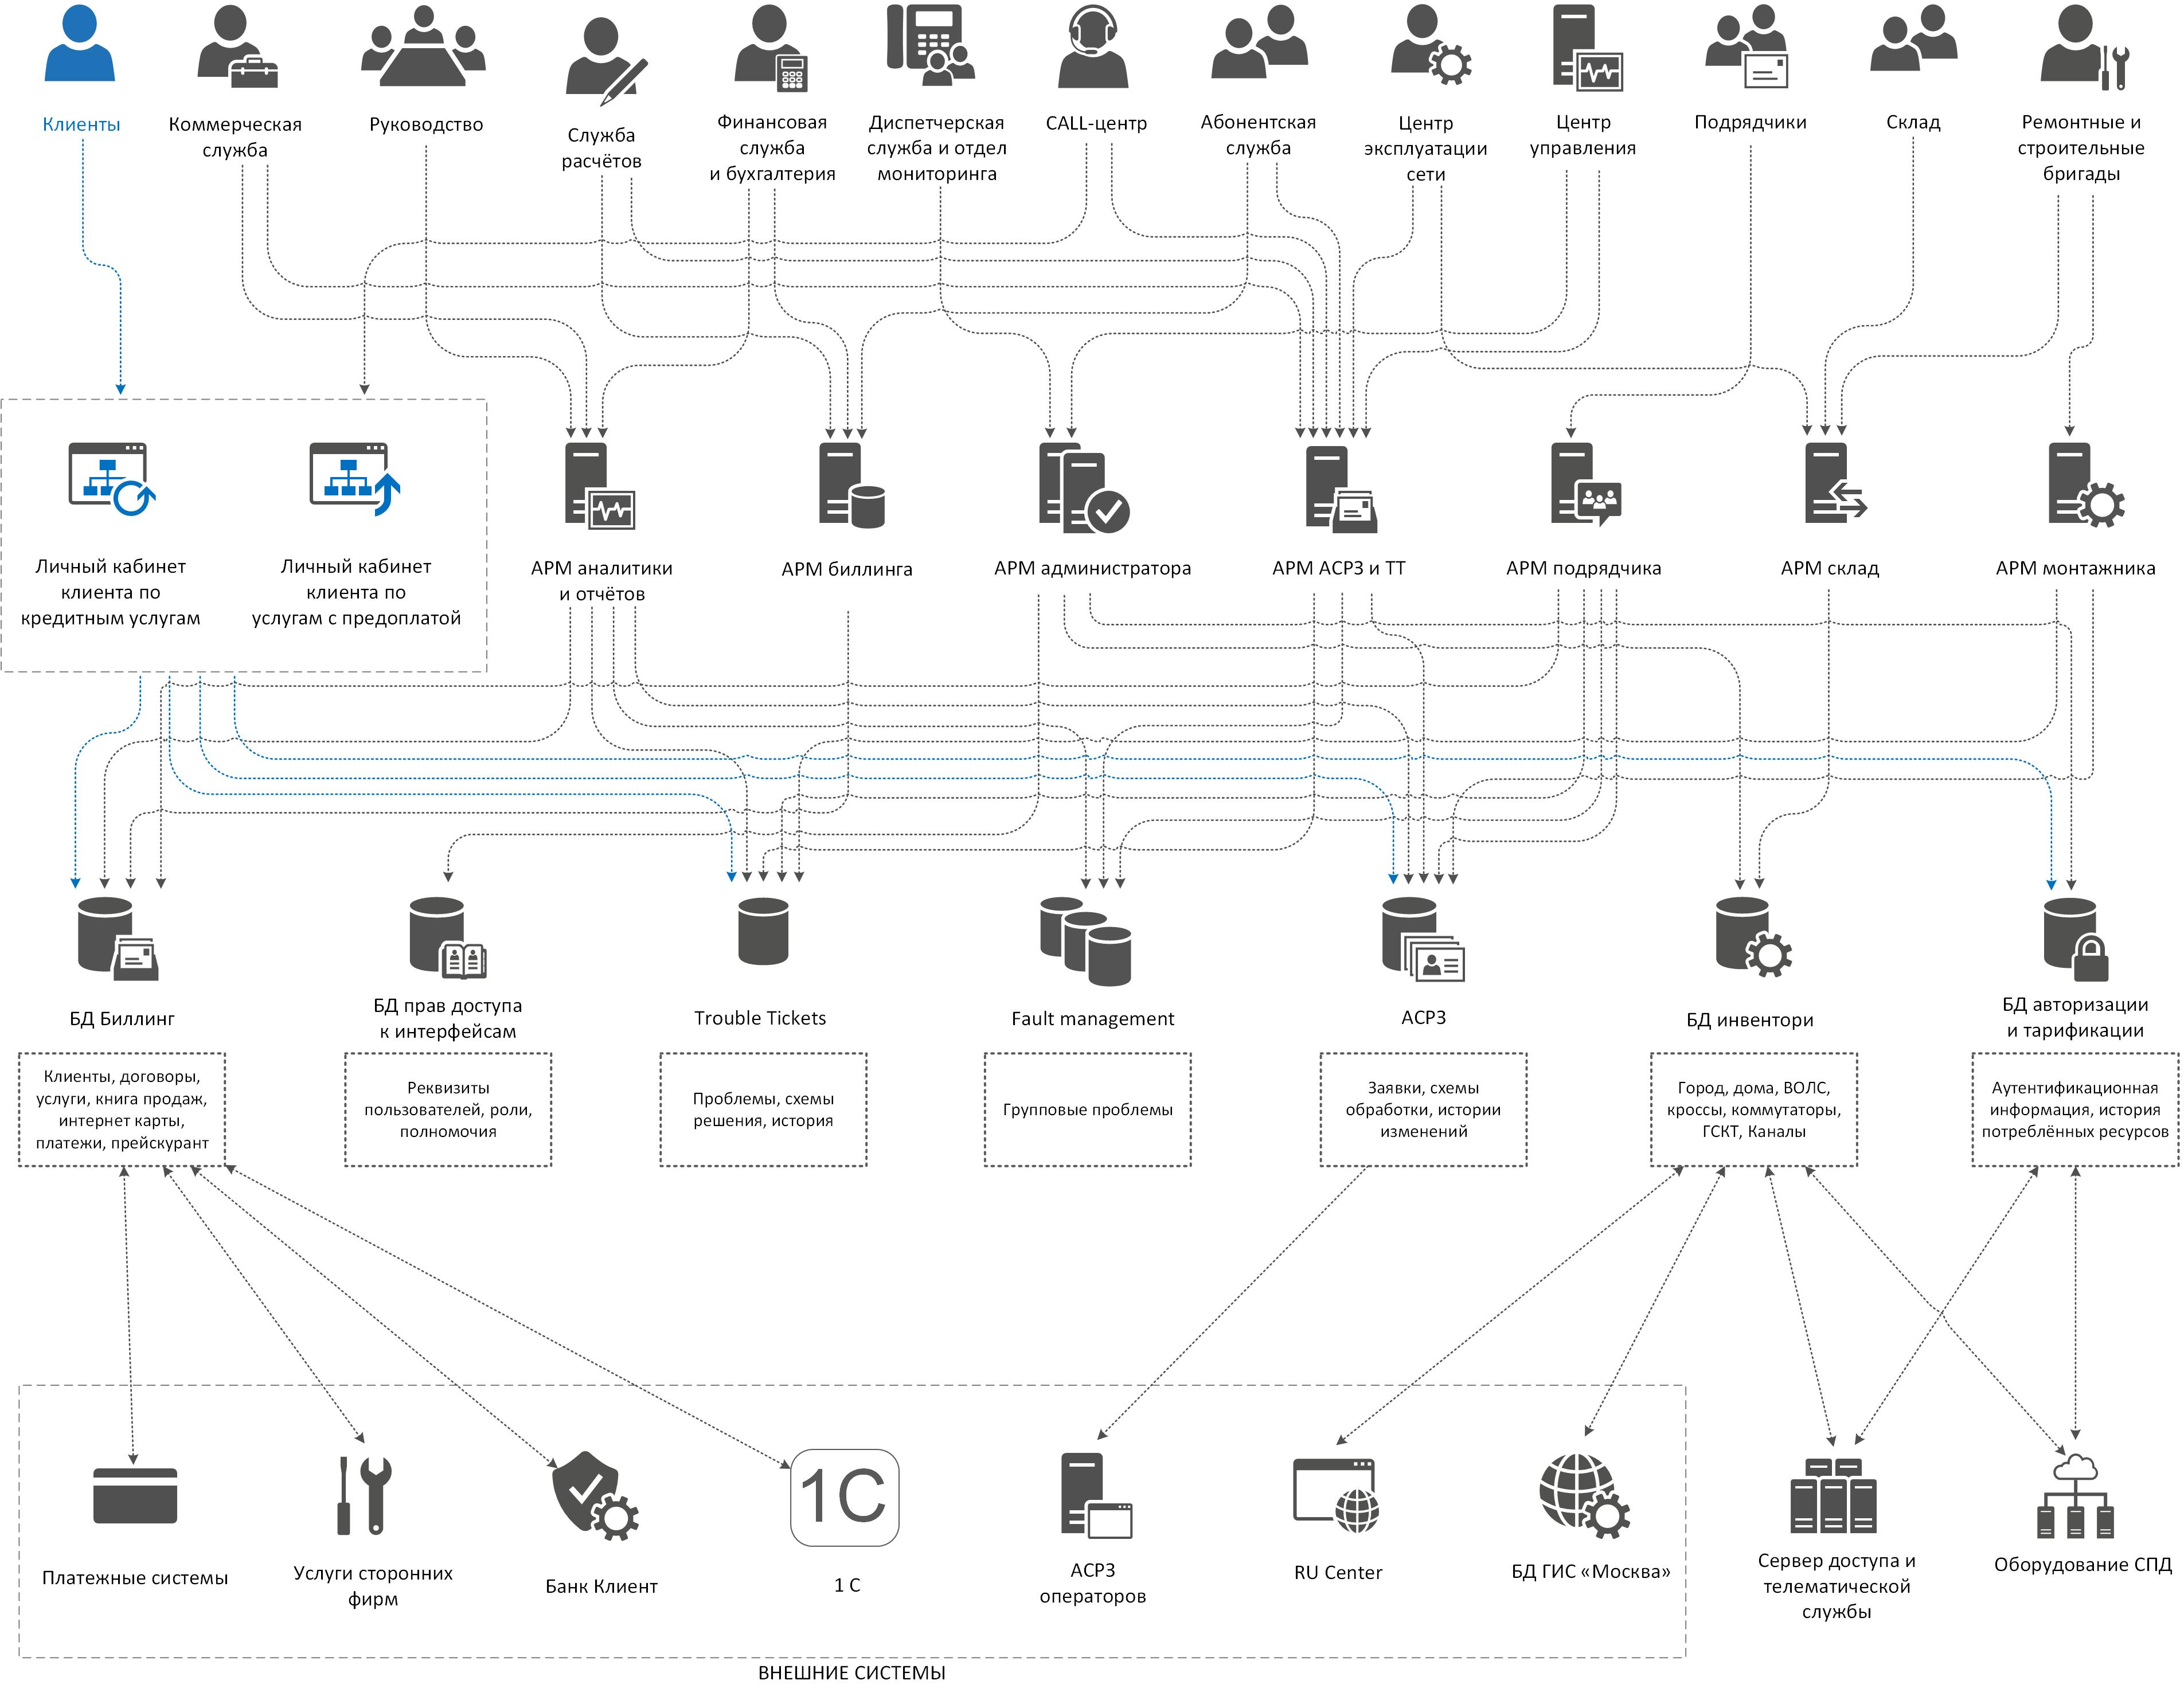 Роль искусственного интеллекта в автоматизации бизнес-процессов.